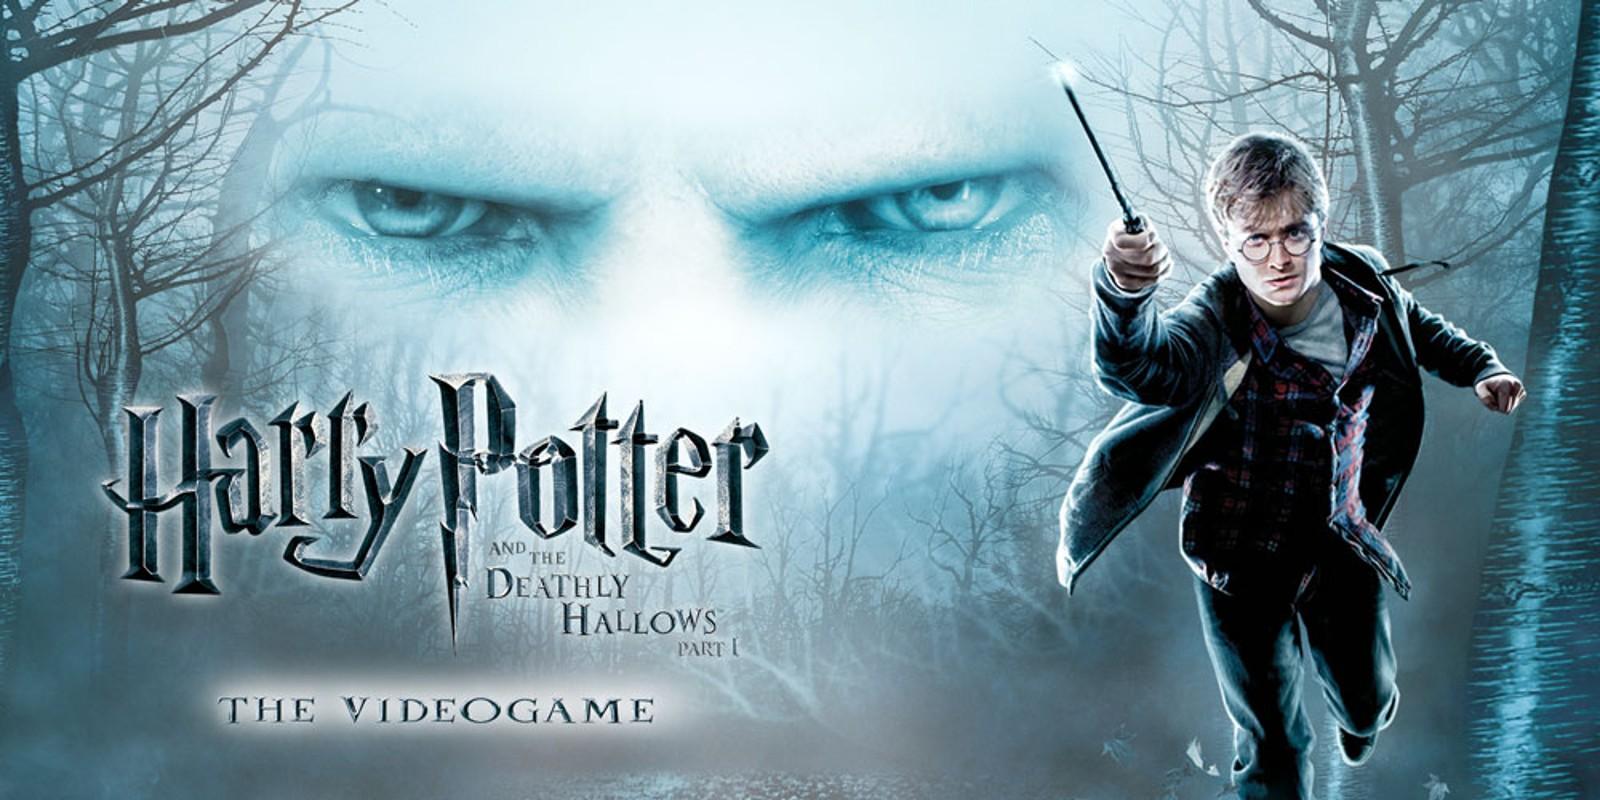 20 Best Daniel Radcliffe Movies To Watch